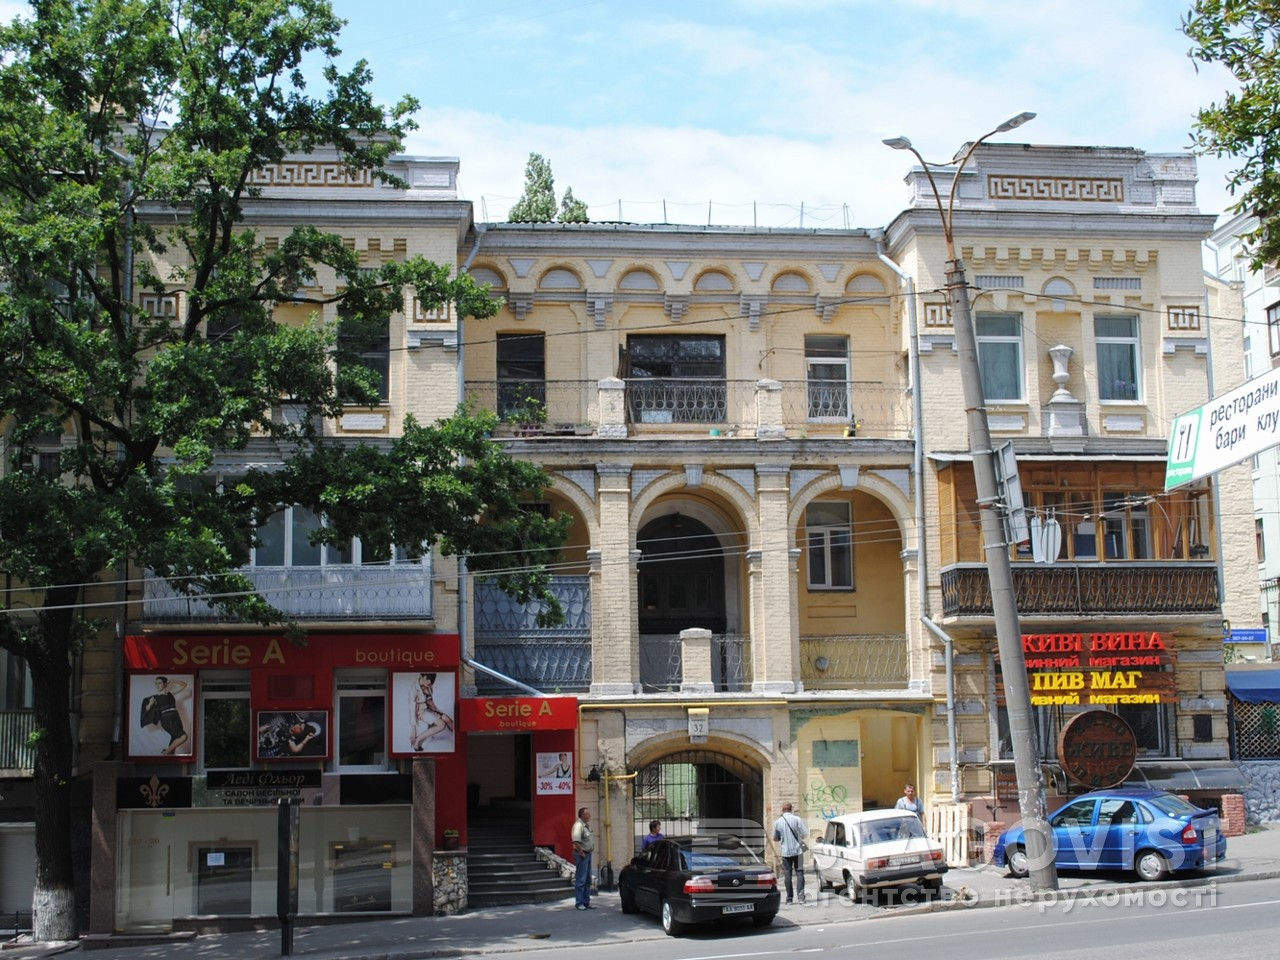 Квартира G-785, Антоновича (Горького), 32, Киев - Фото 1